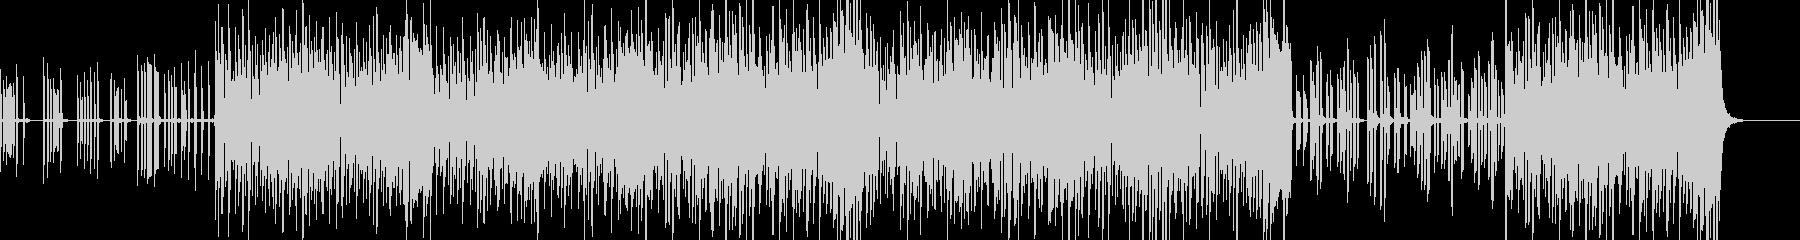 モジュラーシンセのような懐古曲の未再生の波形